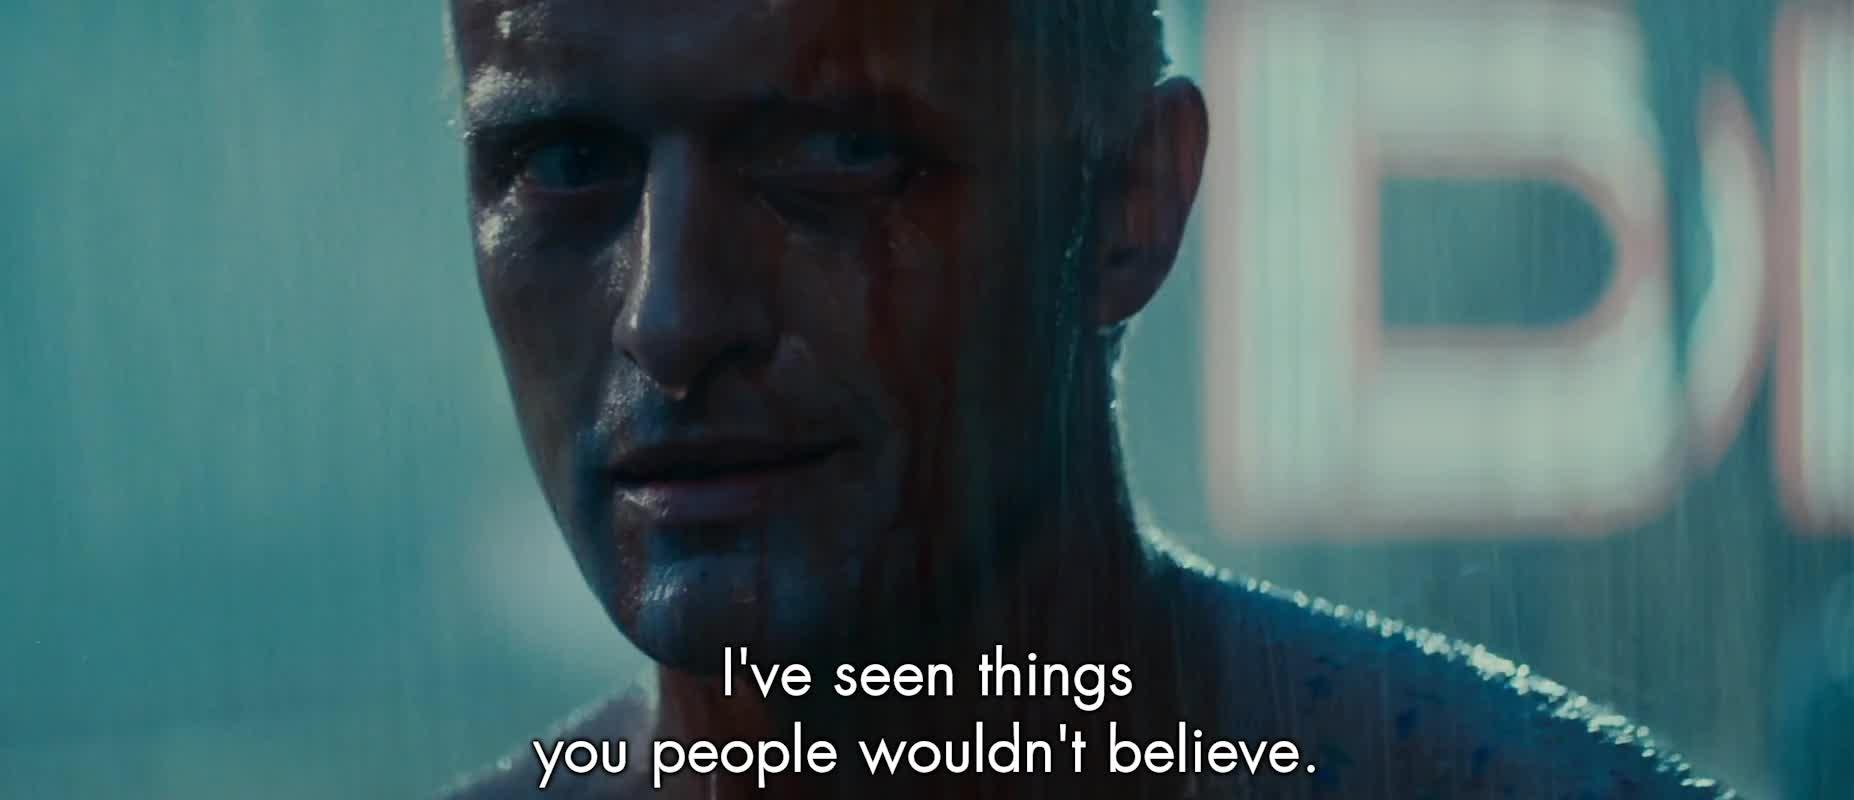 bladerunner, thisismylifenow, Blade Runner Quote gif GIFs